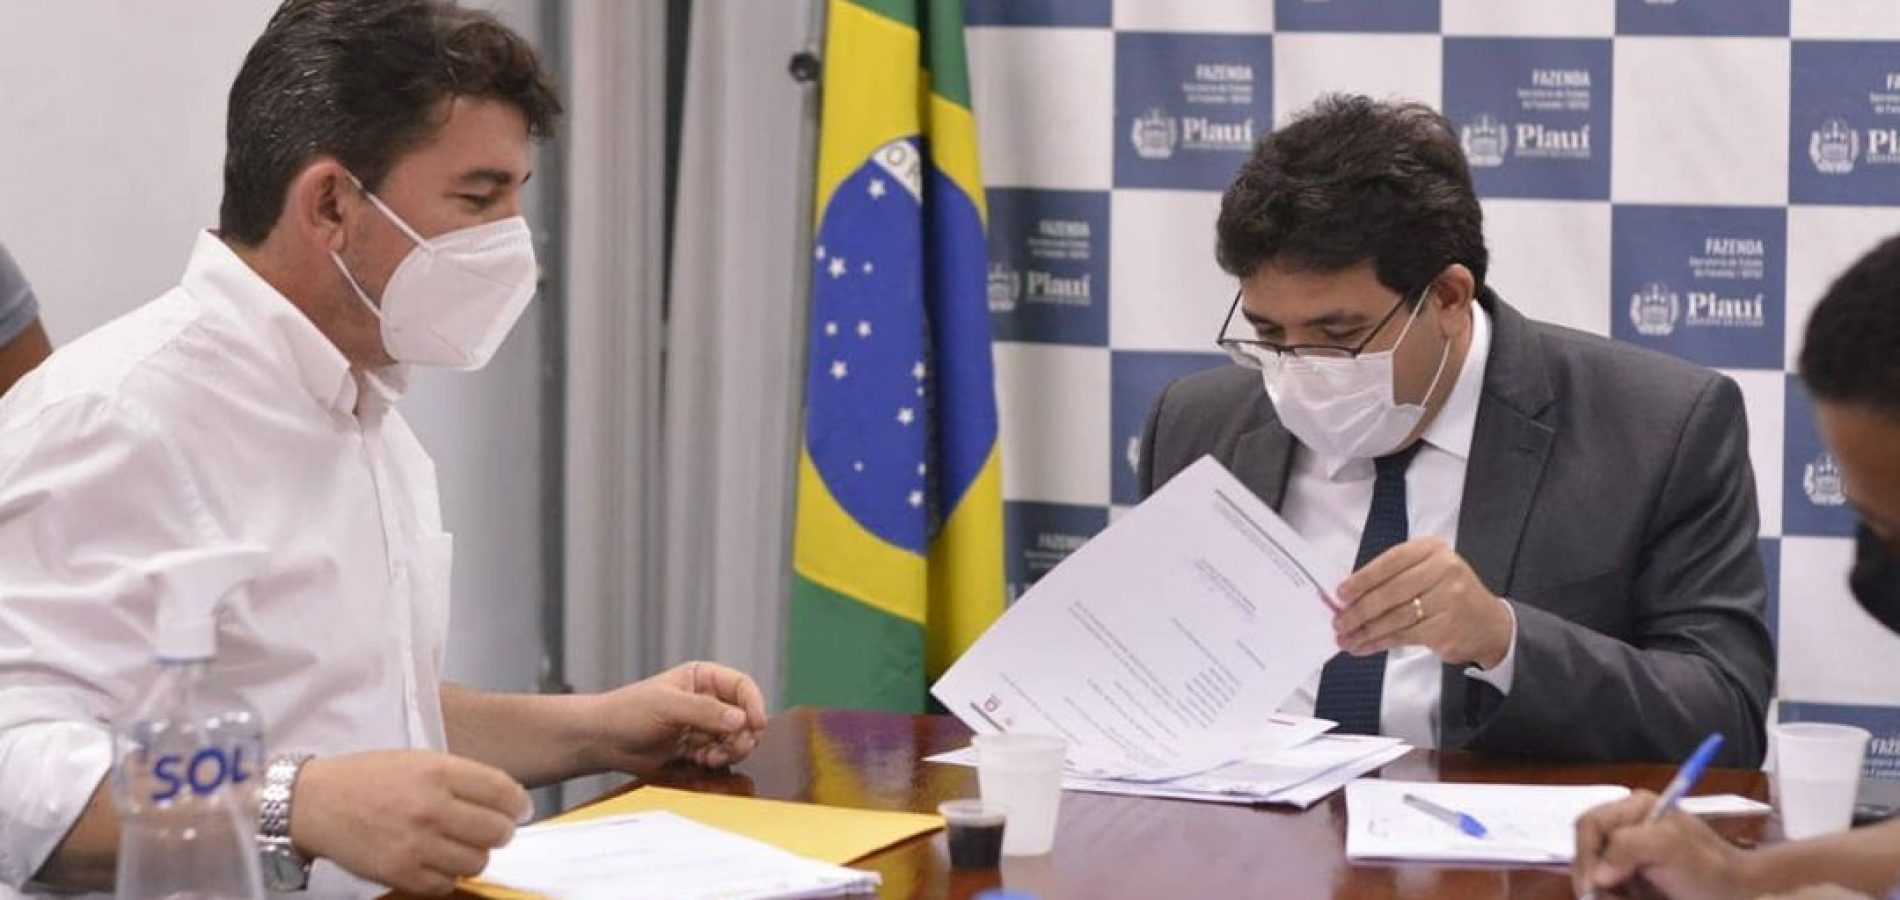 Em audiência com coordenador do Pro Piauí, prefeito Elvis Ramos apresenta demandas de Ipiranga do Piauí